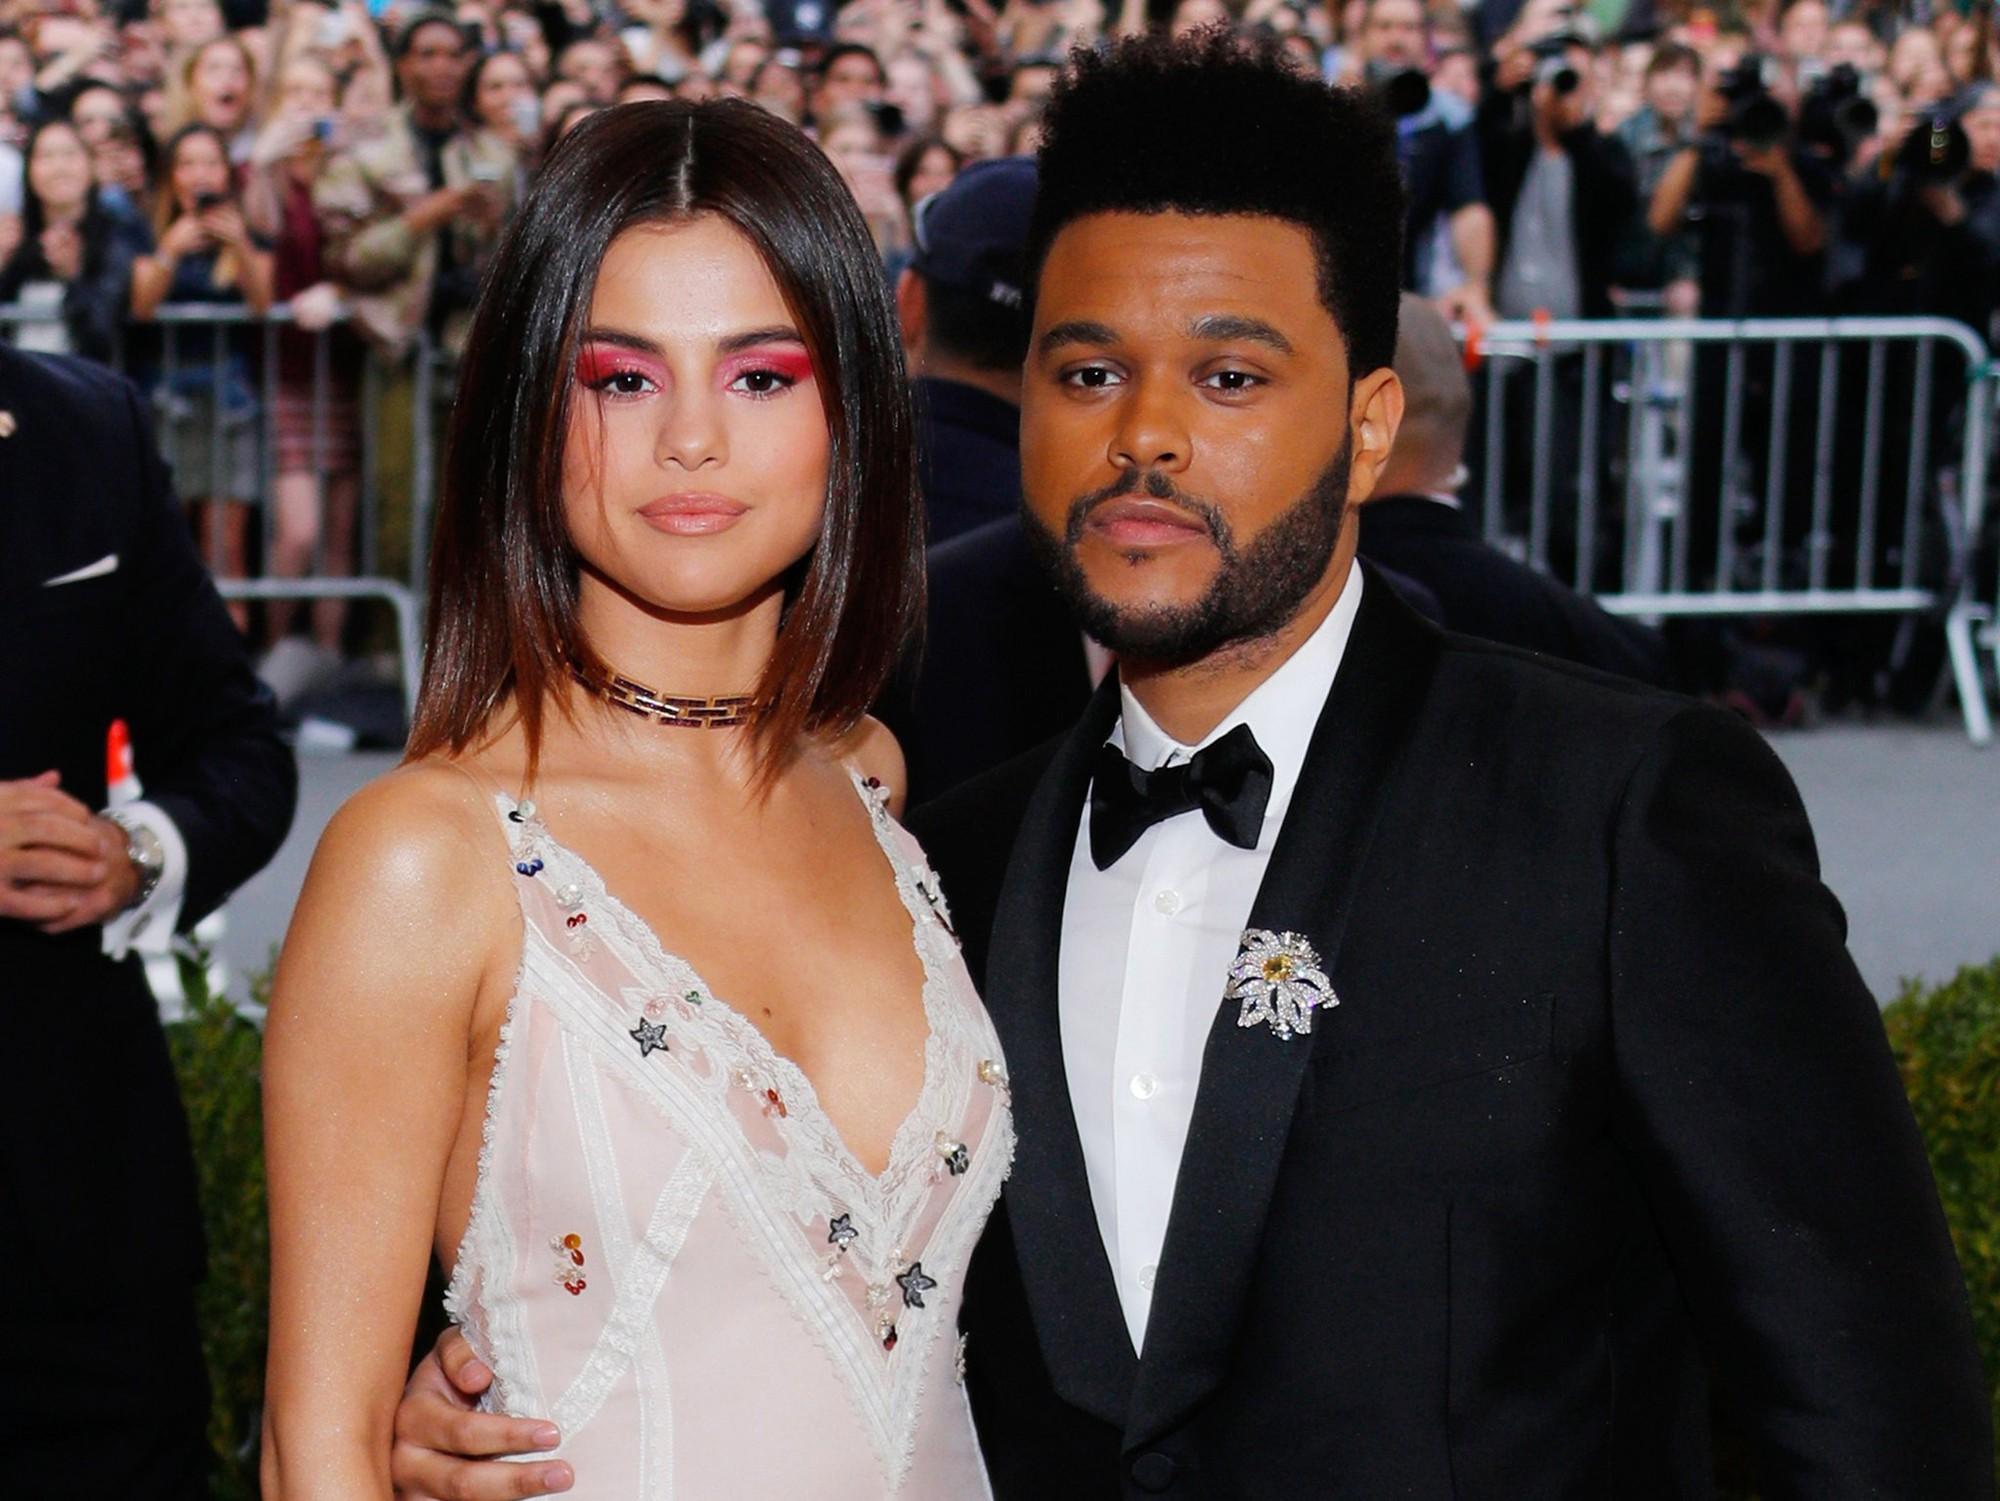 8 năm bất chấp tất cả để yêu Justin, cuối cùng Selena vẫn không phải cô gái đi cùng anh đến hết cuộc đời - Ảnh 2.